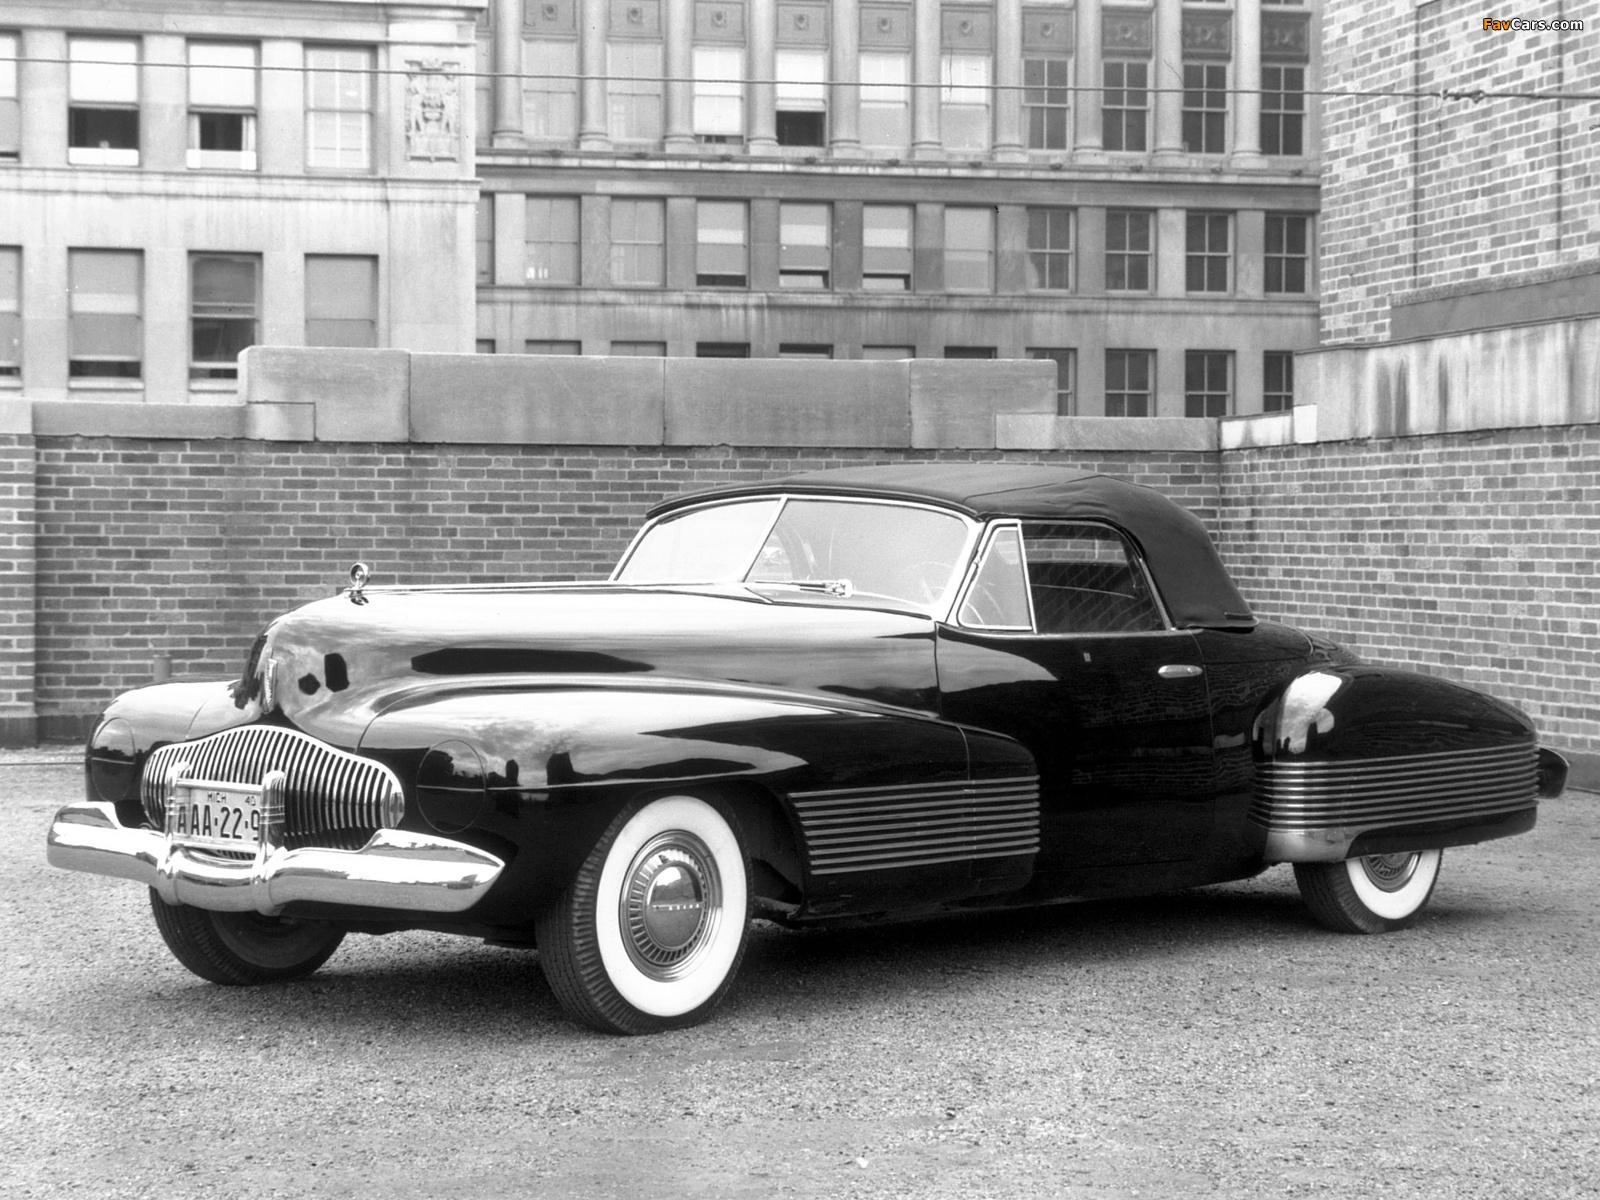 Buick Y Job Concept Car 1938 Images 1600x1200